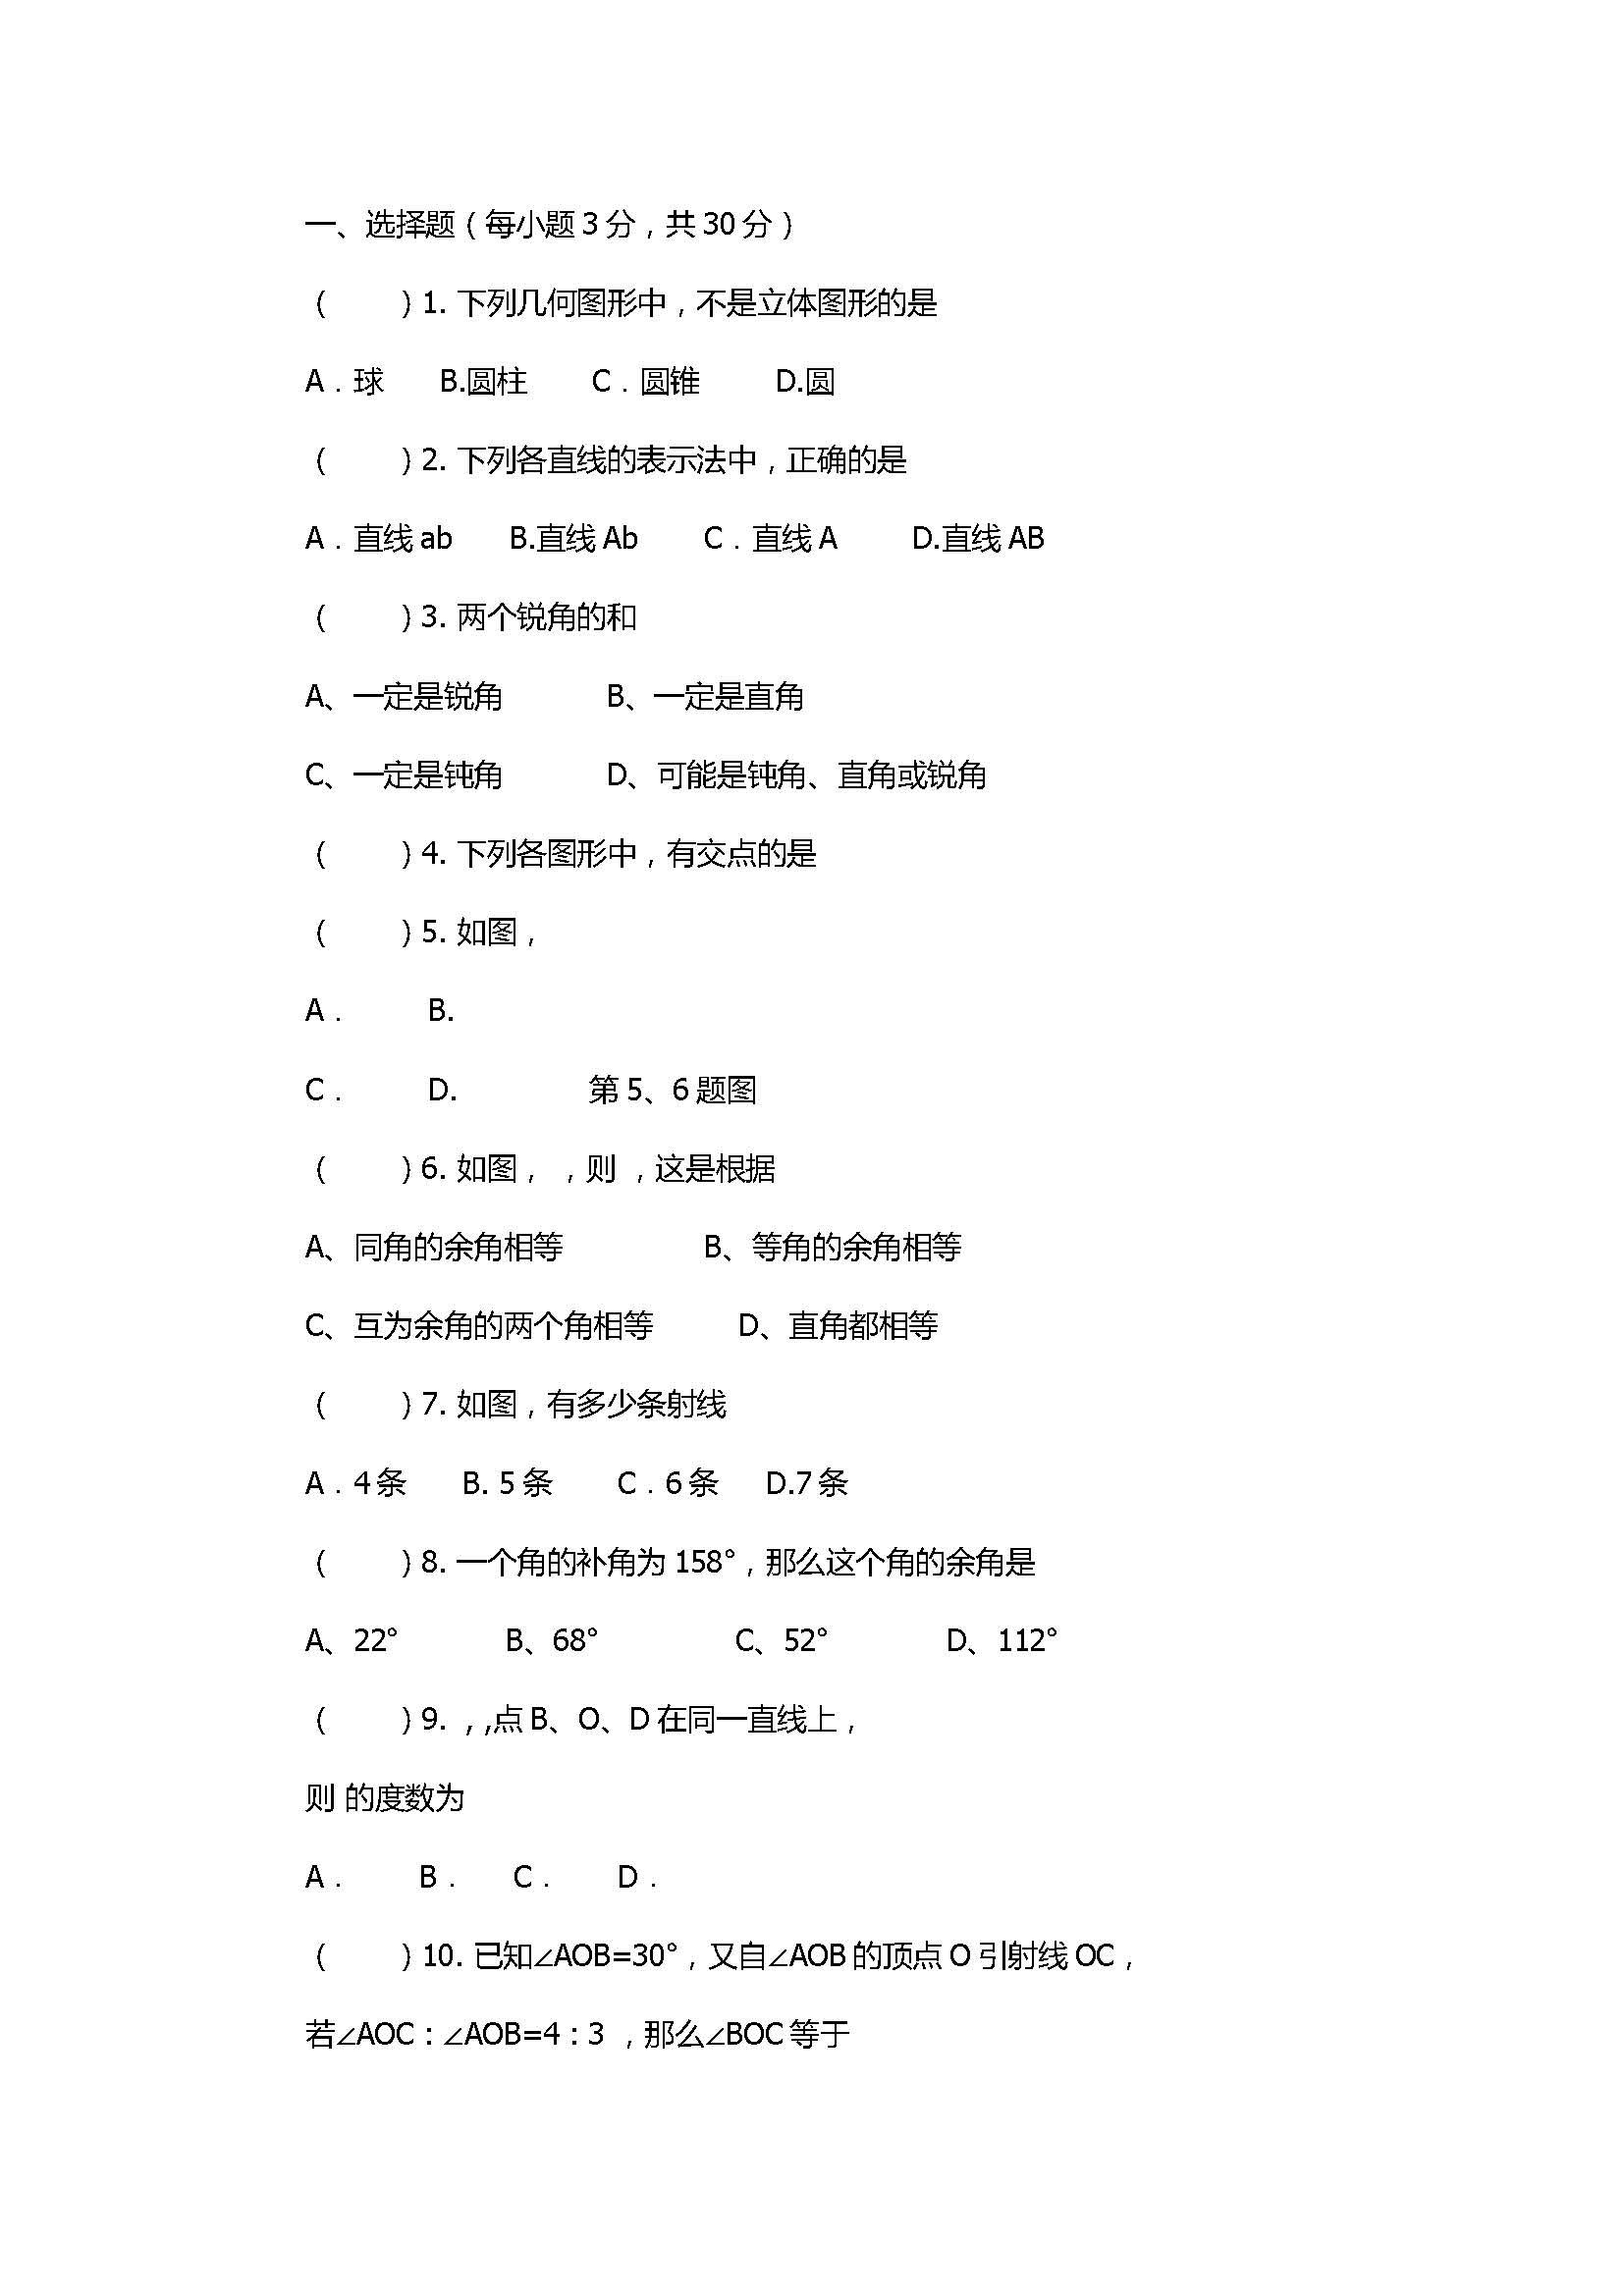 2017七年级数学上册第6章单元检测卷含参考答案(浙教版)